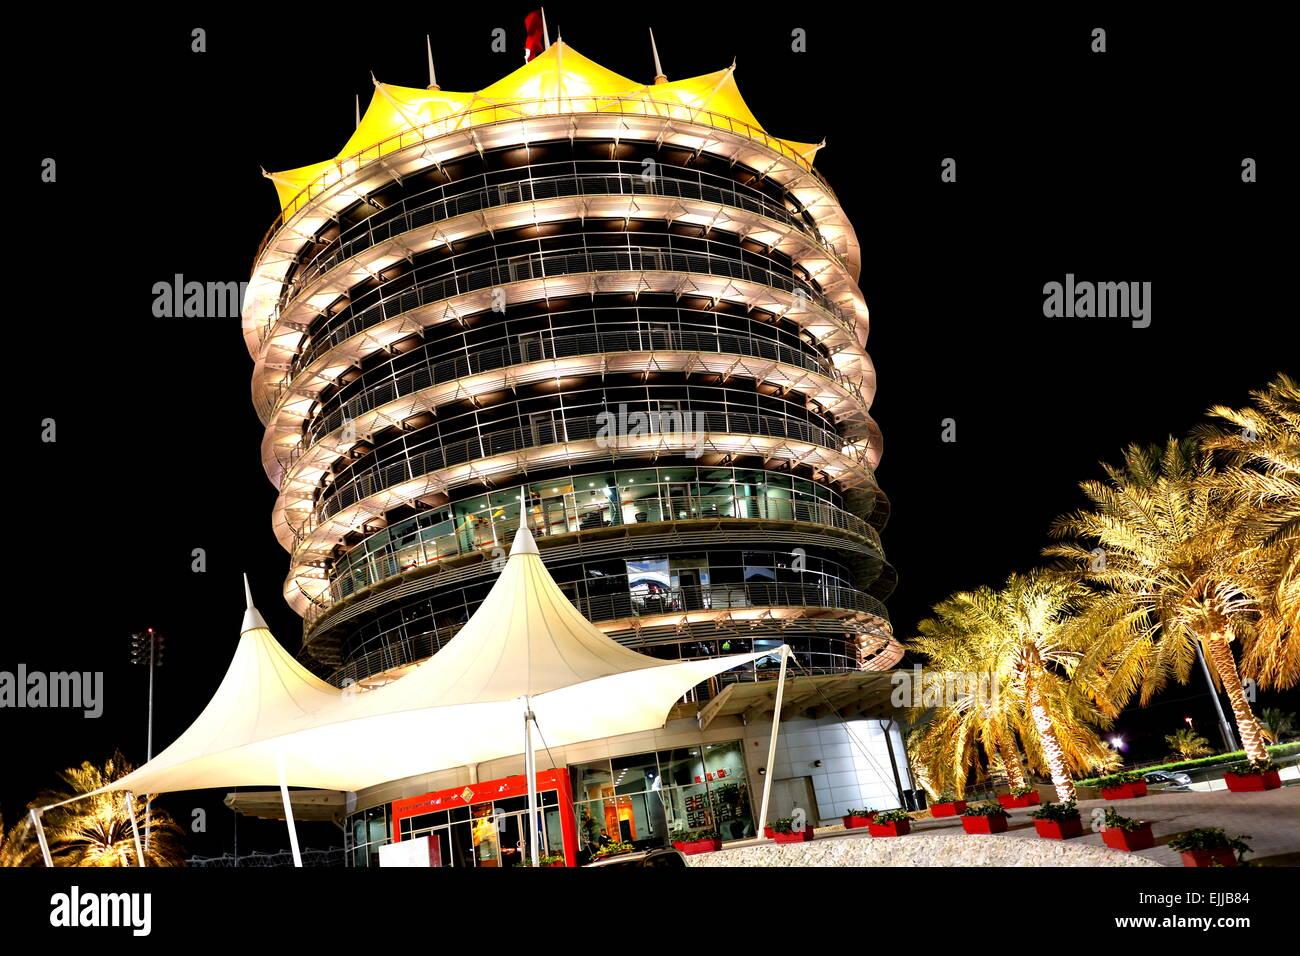 The eight-storey VIP tower (Sakhir Tower) at the Bahrain International Circuit in Sakhir, Kingdom of Bahrain - Stock Image